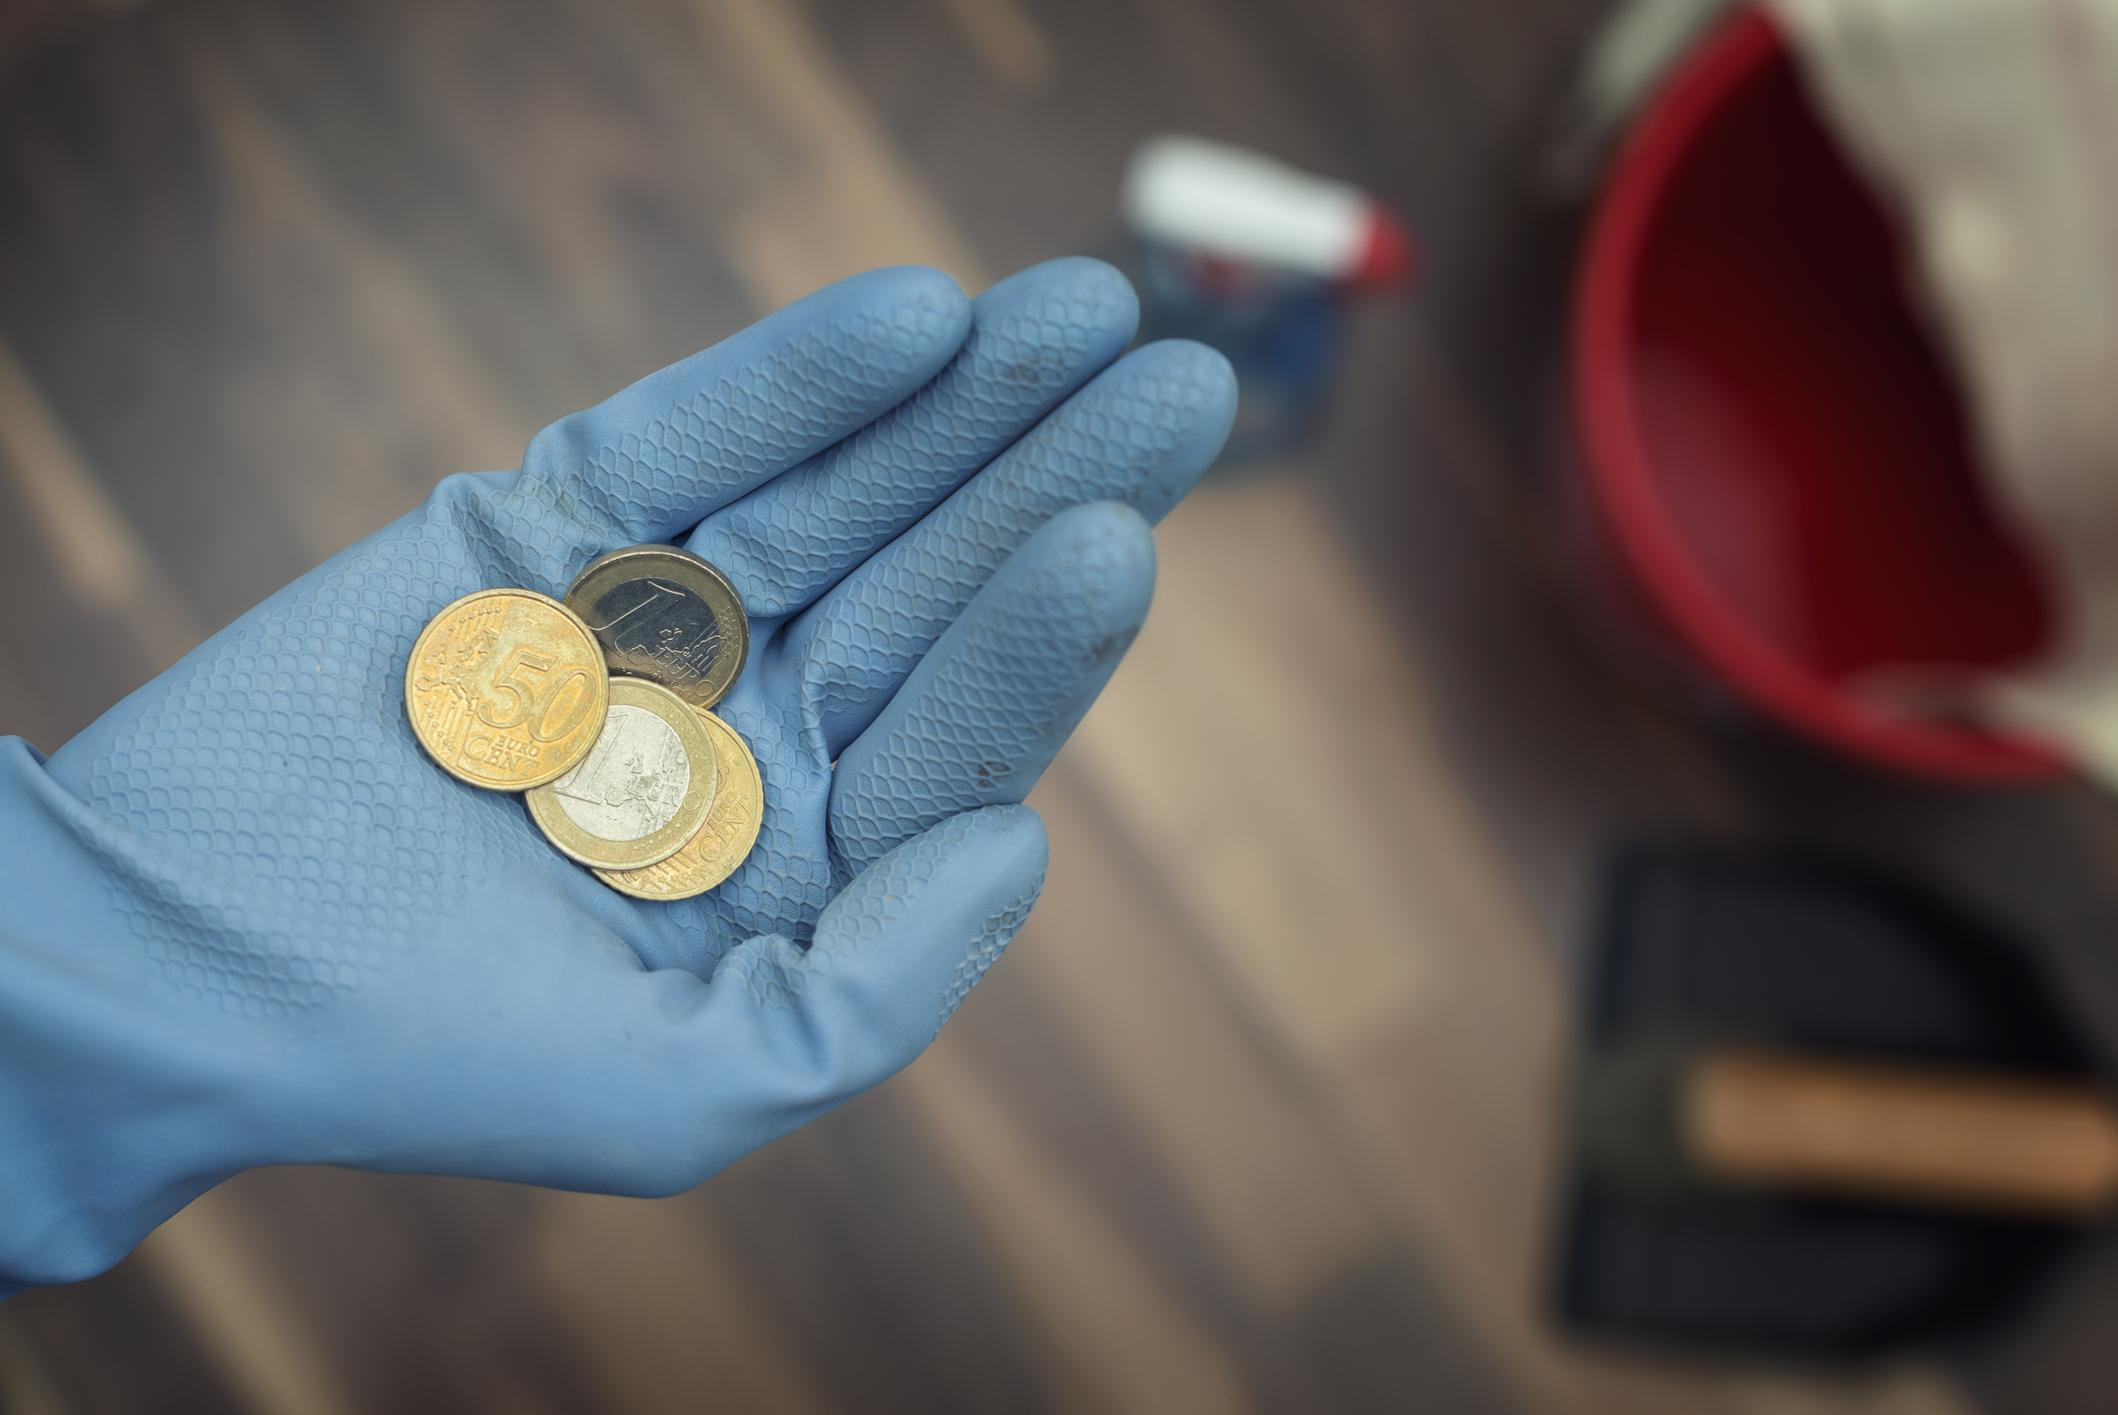 Siivooja pitää kolikoita sinisellä siivoushansikkaalla verhotussa kädessään.